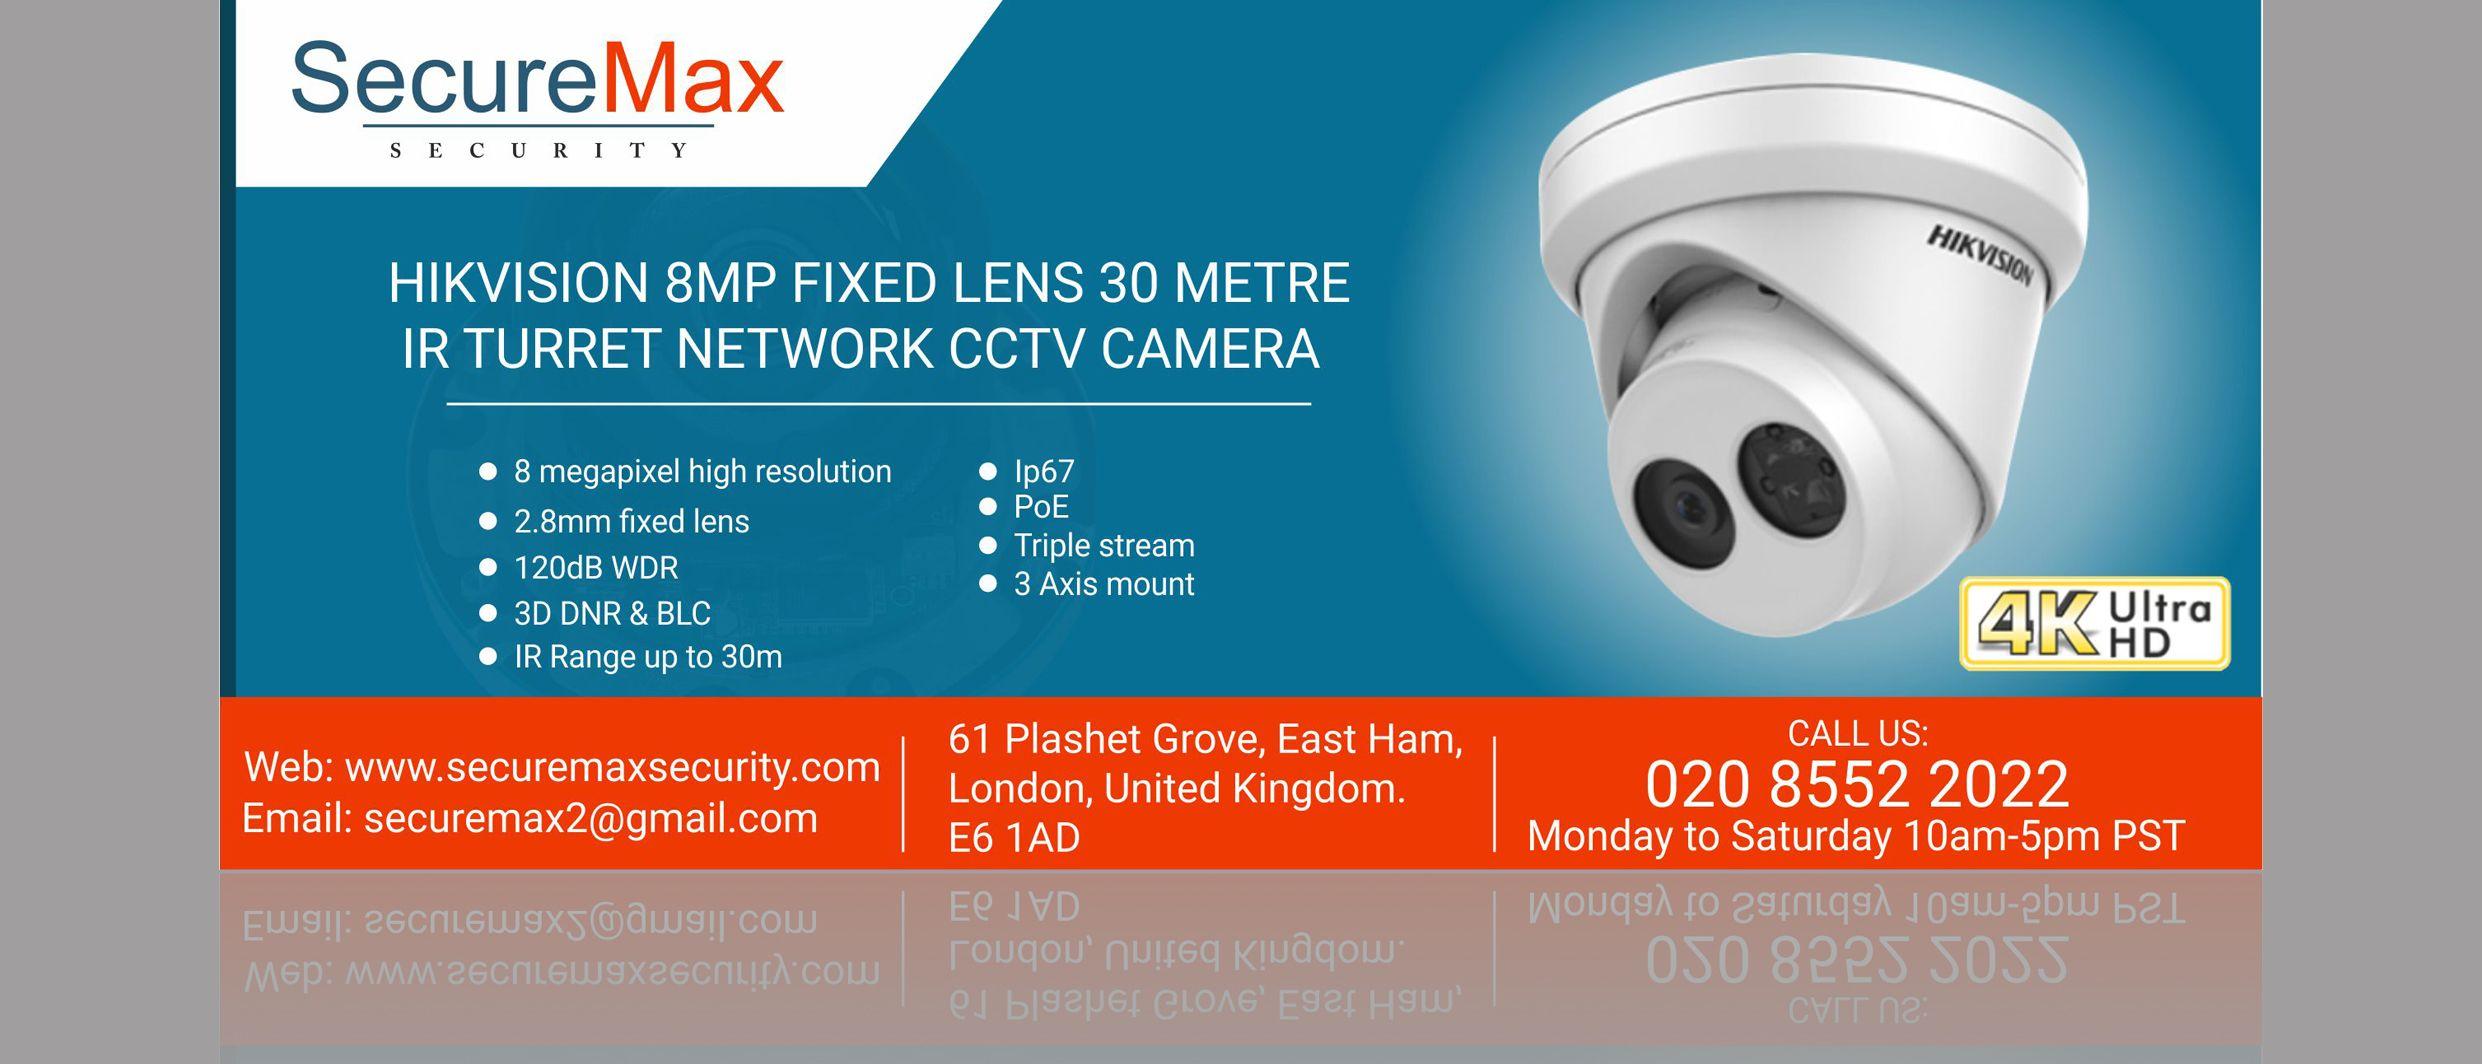 Hikvision 8 Megapixel Home Security Cctv Camera In Uk 4k Hd